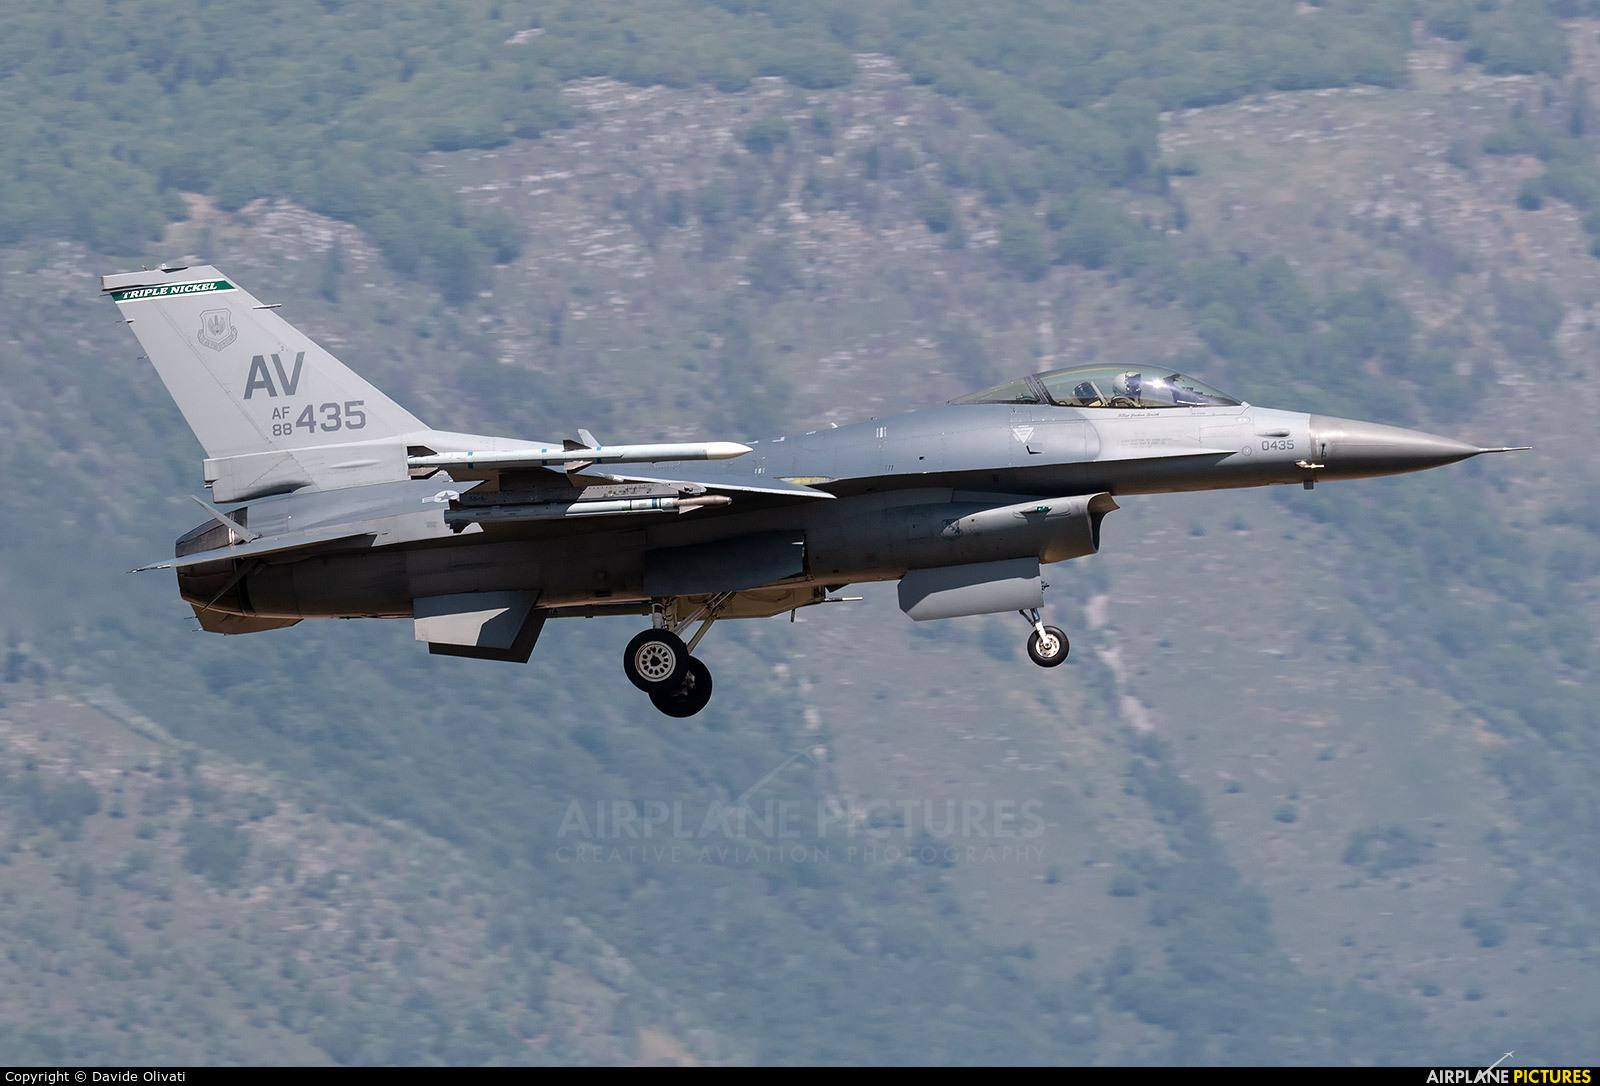 USA - Air Force 88-0435 aircraft at Aviano